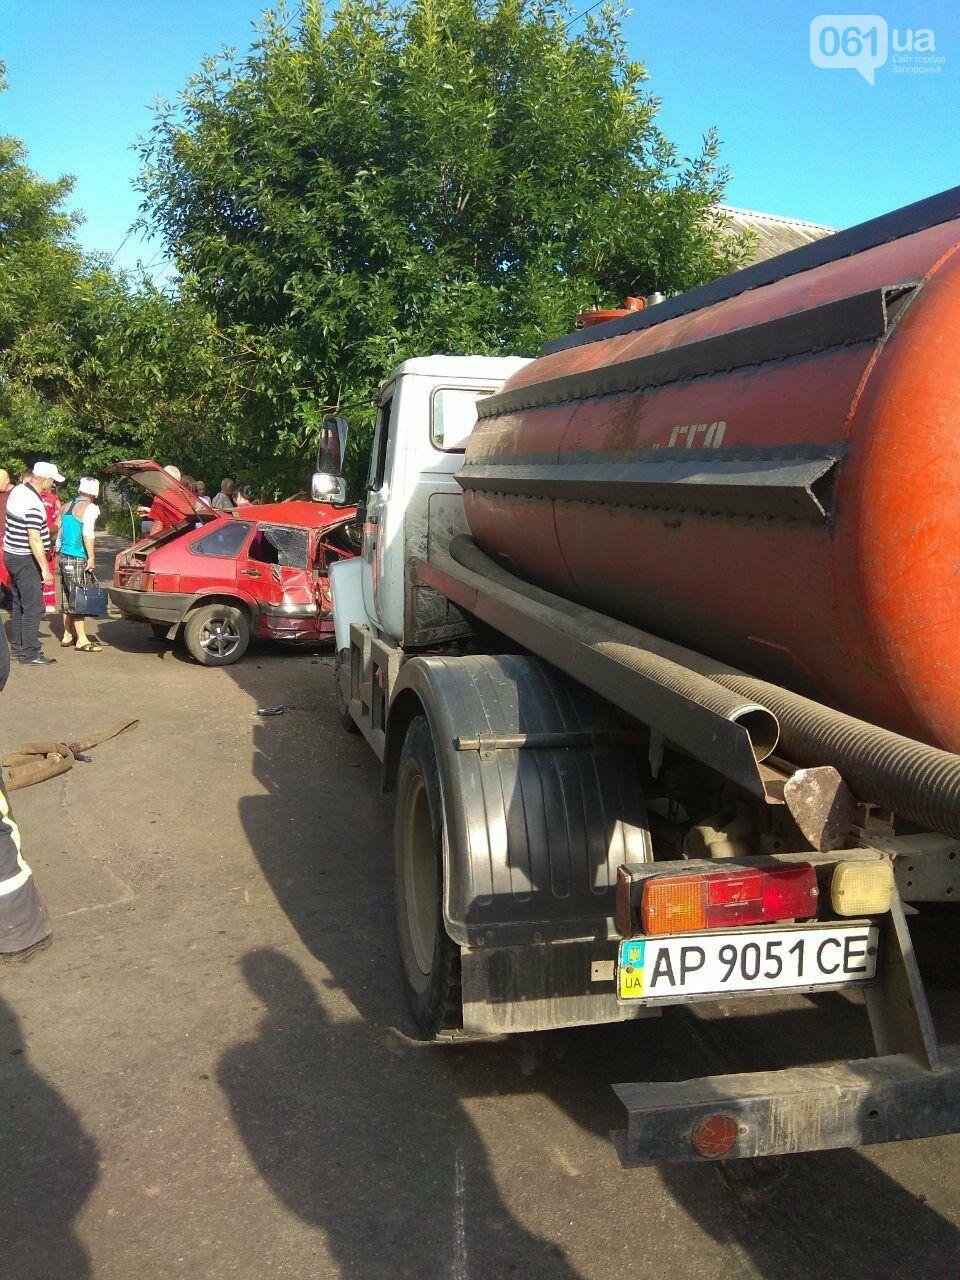 В Бердянске в ДТП пострадали дети - на месте происшествия работало 10 спасателей, - ФОТО, фото-1